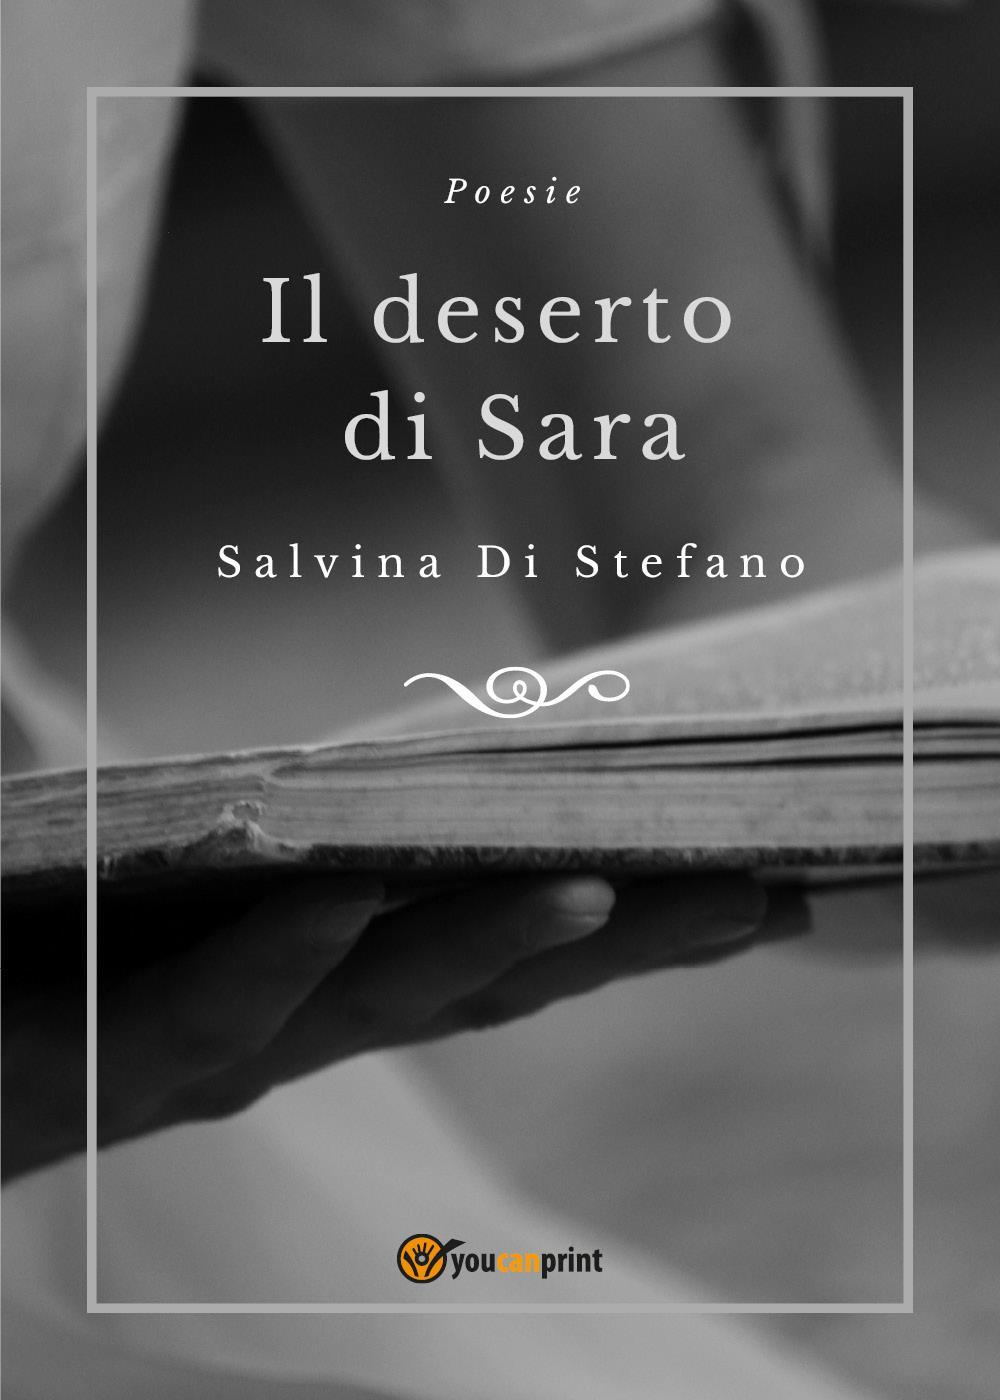 Il deserto di Sara. Poesie